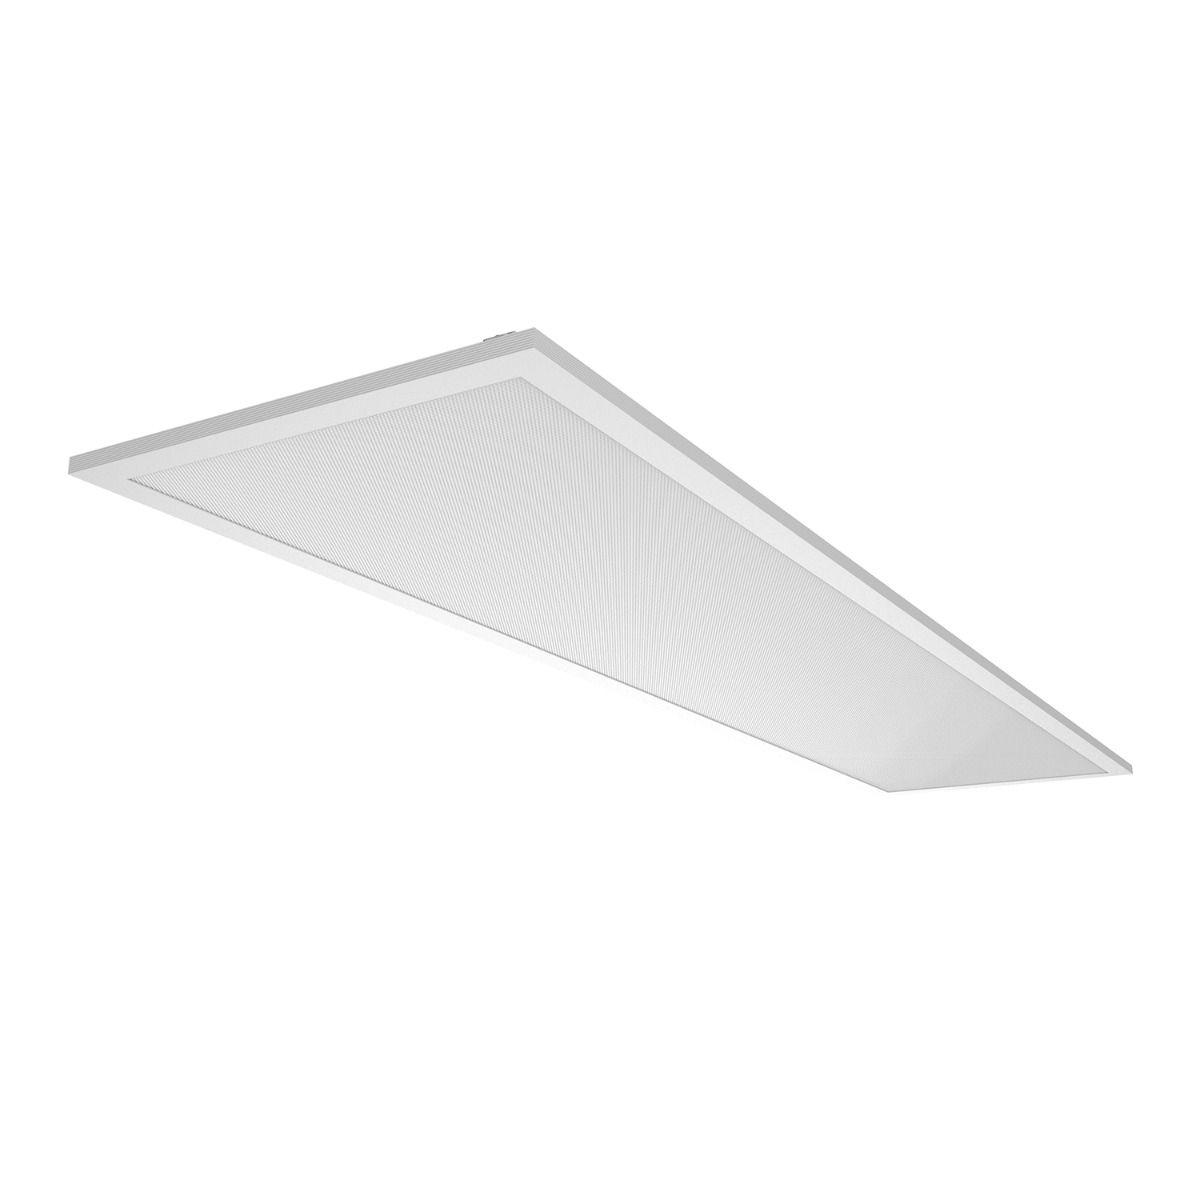 Noxion LED panel Delta Pro V3 Highlum 36W 4000K 5500lm 30x120cm UGR <19 | kold hvid - erstatter 2x36\W